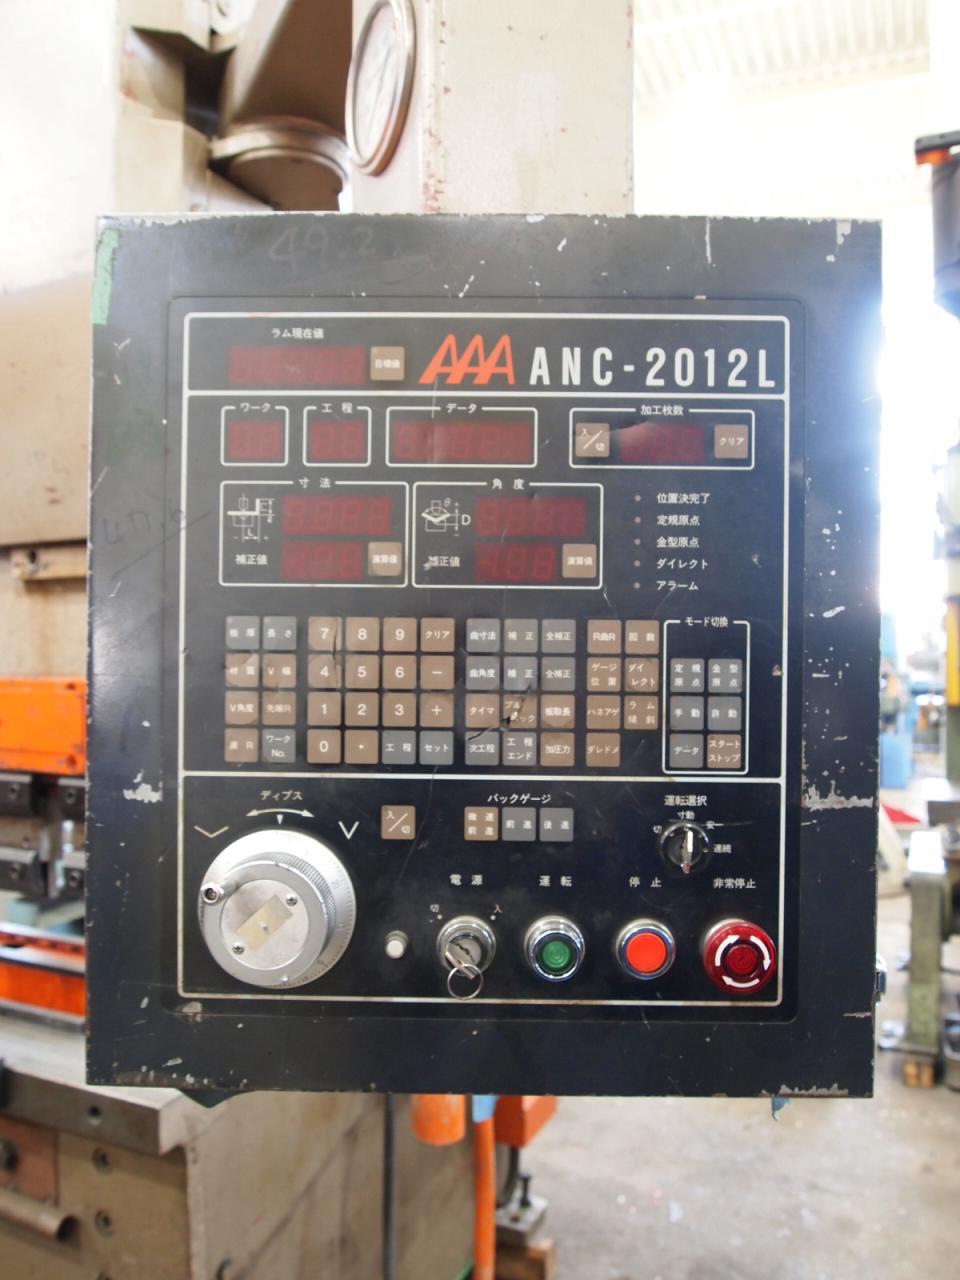 ANC-2012L操作盤